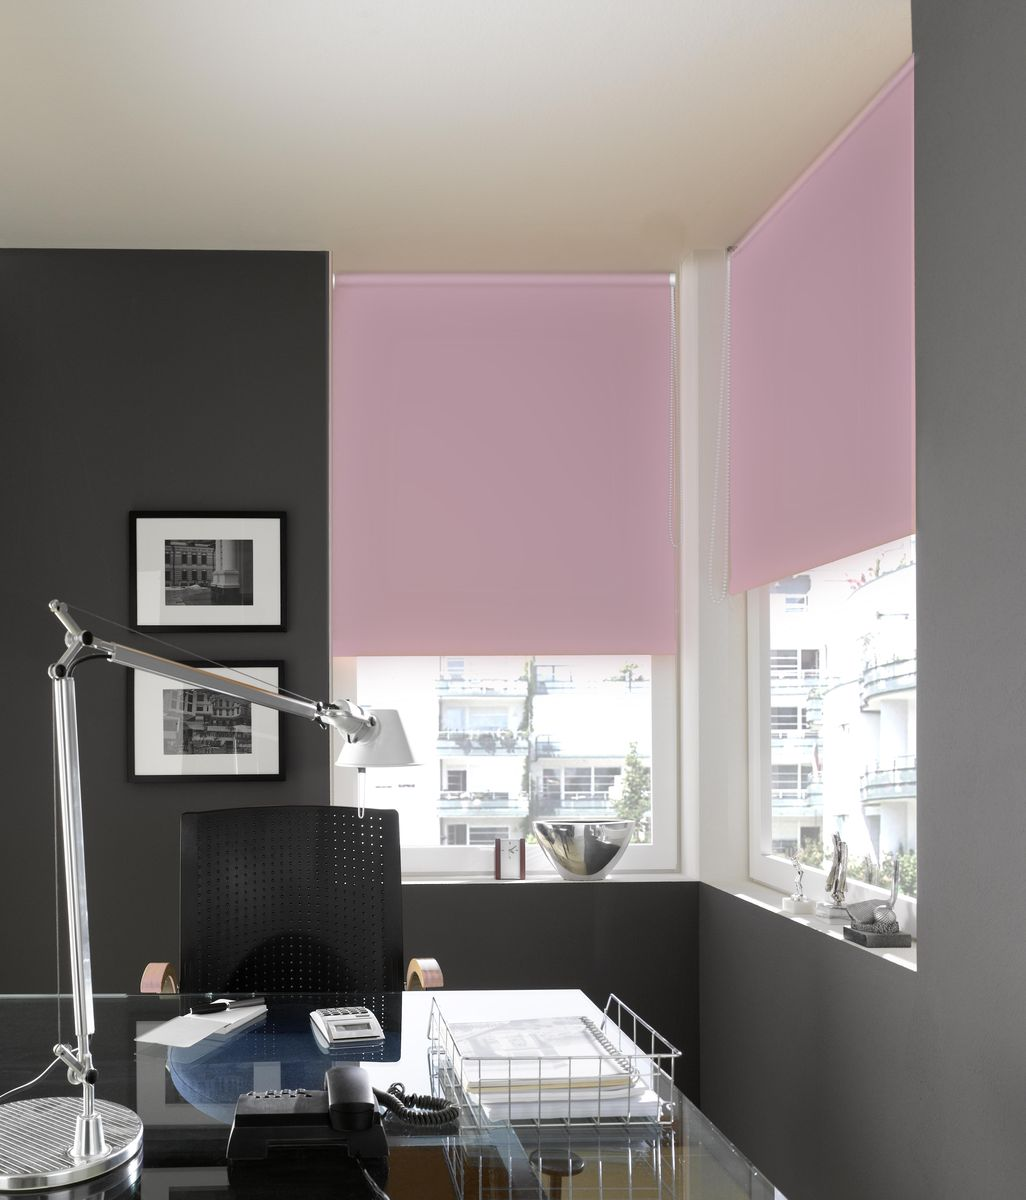 Штора рулонная Эскар Миниролло. Blackout, светонепроницаемые, цвет: розовый, ширина 90 см, высота 170 см34933090170Рулонными шторамиЭскар Миниролло. Blackout можно оформлять окна как самостоятельно, так и использовать в комбинации с портьерами. Это поможет предотвратить выгорание дорогой ткани на солнце и соединит функционал рулонных с красотой навесных. Преимущества применения рулонных штор для пластиковых окон: - имеют прекрасный внешний вид: многообразие и фактурность материала изделия отлично смотрятся в любом интерьере;- многофункциональны: есть возможность подобрать шторы способные эффективно защитить комнату от солнца, при этом она не будет слишком темной;- есть возможность осуществить быстрый монтаж.ВНИМАНИЕ! Размеры ширины изделия указаны по ширине ткани! Во время эксплуатации не рекомендуется полностью разматывать рулон, чтобы не оторвать ткань от намоточного вала. В случае загрязнения поверхности ткани, чистку шторы проводят одним из способов, в зависимости от типа загрязнения:легкое поверхностное загрязнение можно удалить при помощи канцелярского ластика;чистка от пыли производится сухим методом при помощи пылесоса с мягкой щеткой-насадкой;для удаления пятна используйте мягкую губку с пенообразующим неагрессивным моющим средством или пятновыводитель на натуральной основе (нельзя применять растворители).